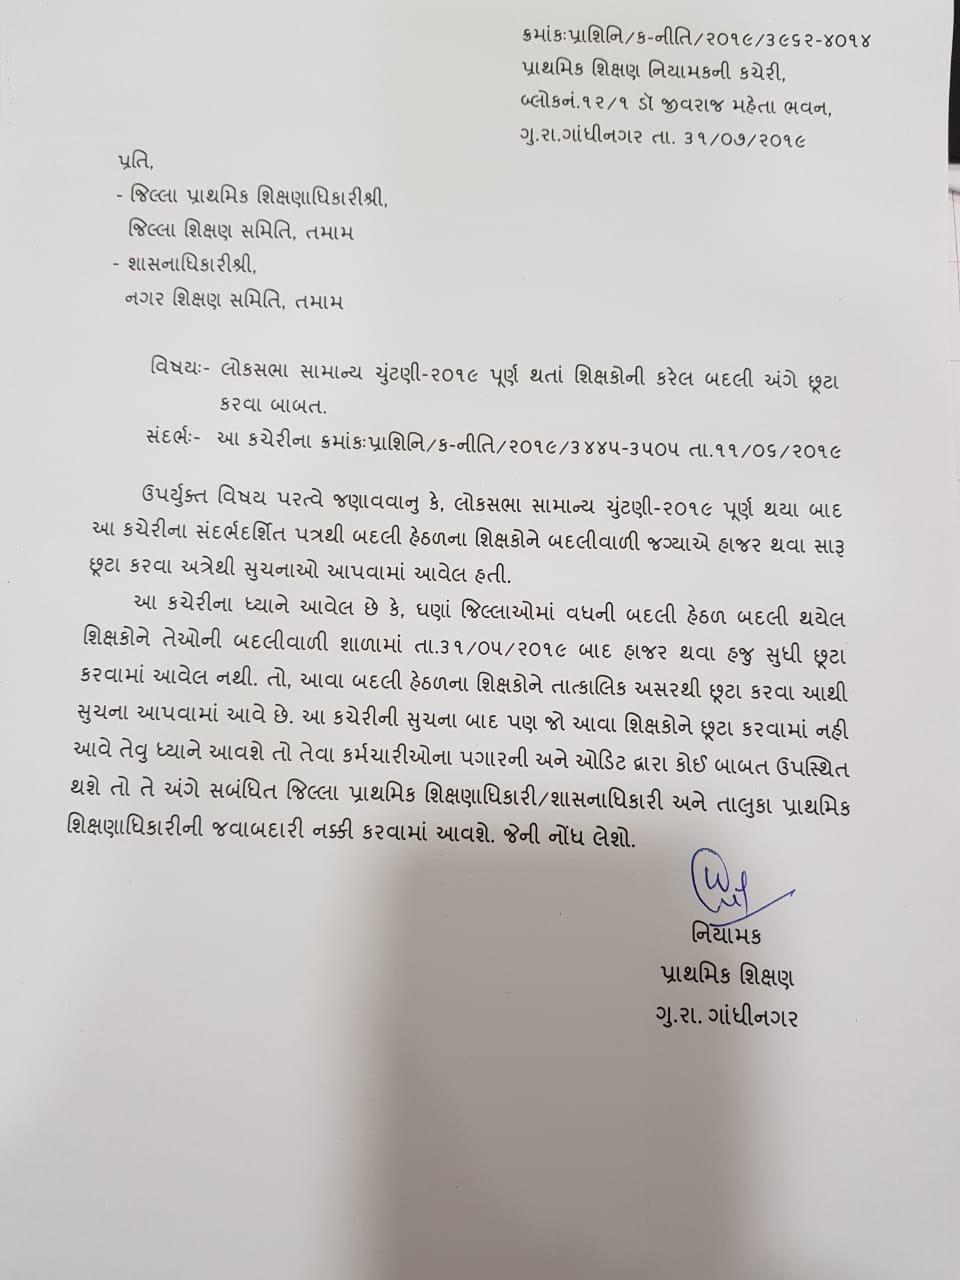 लोकसभा चुनाव के बाद बदली कराने वाले शिक्षकों को छुटा करने हेतु पत्र